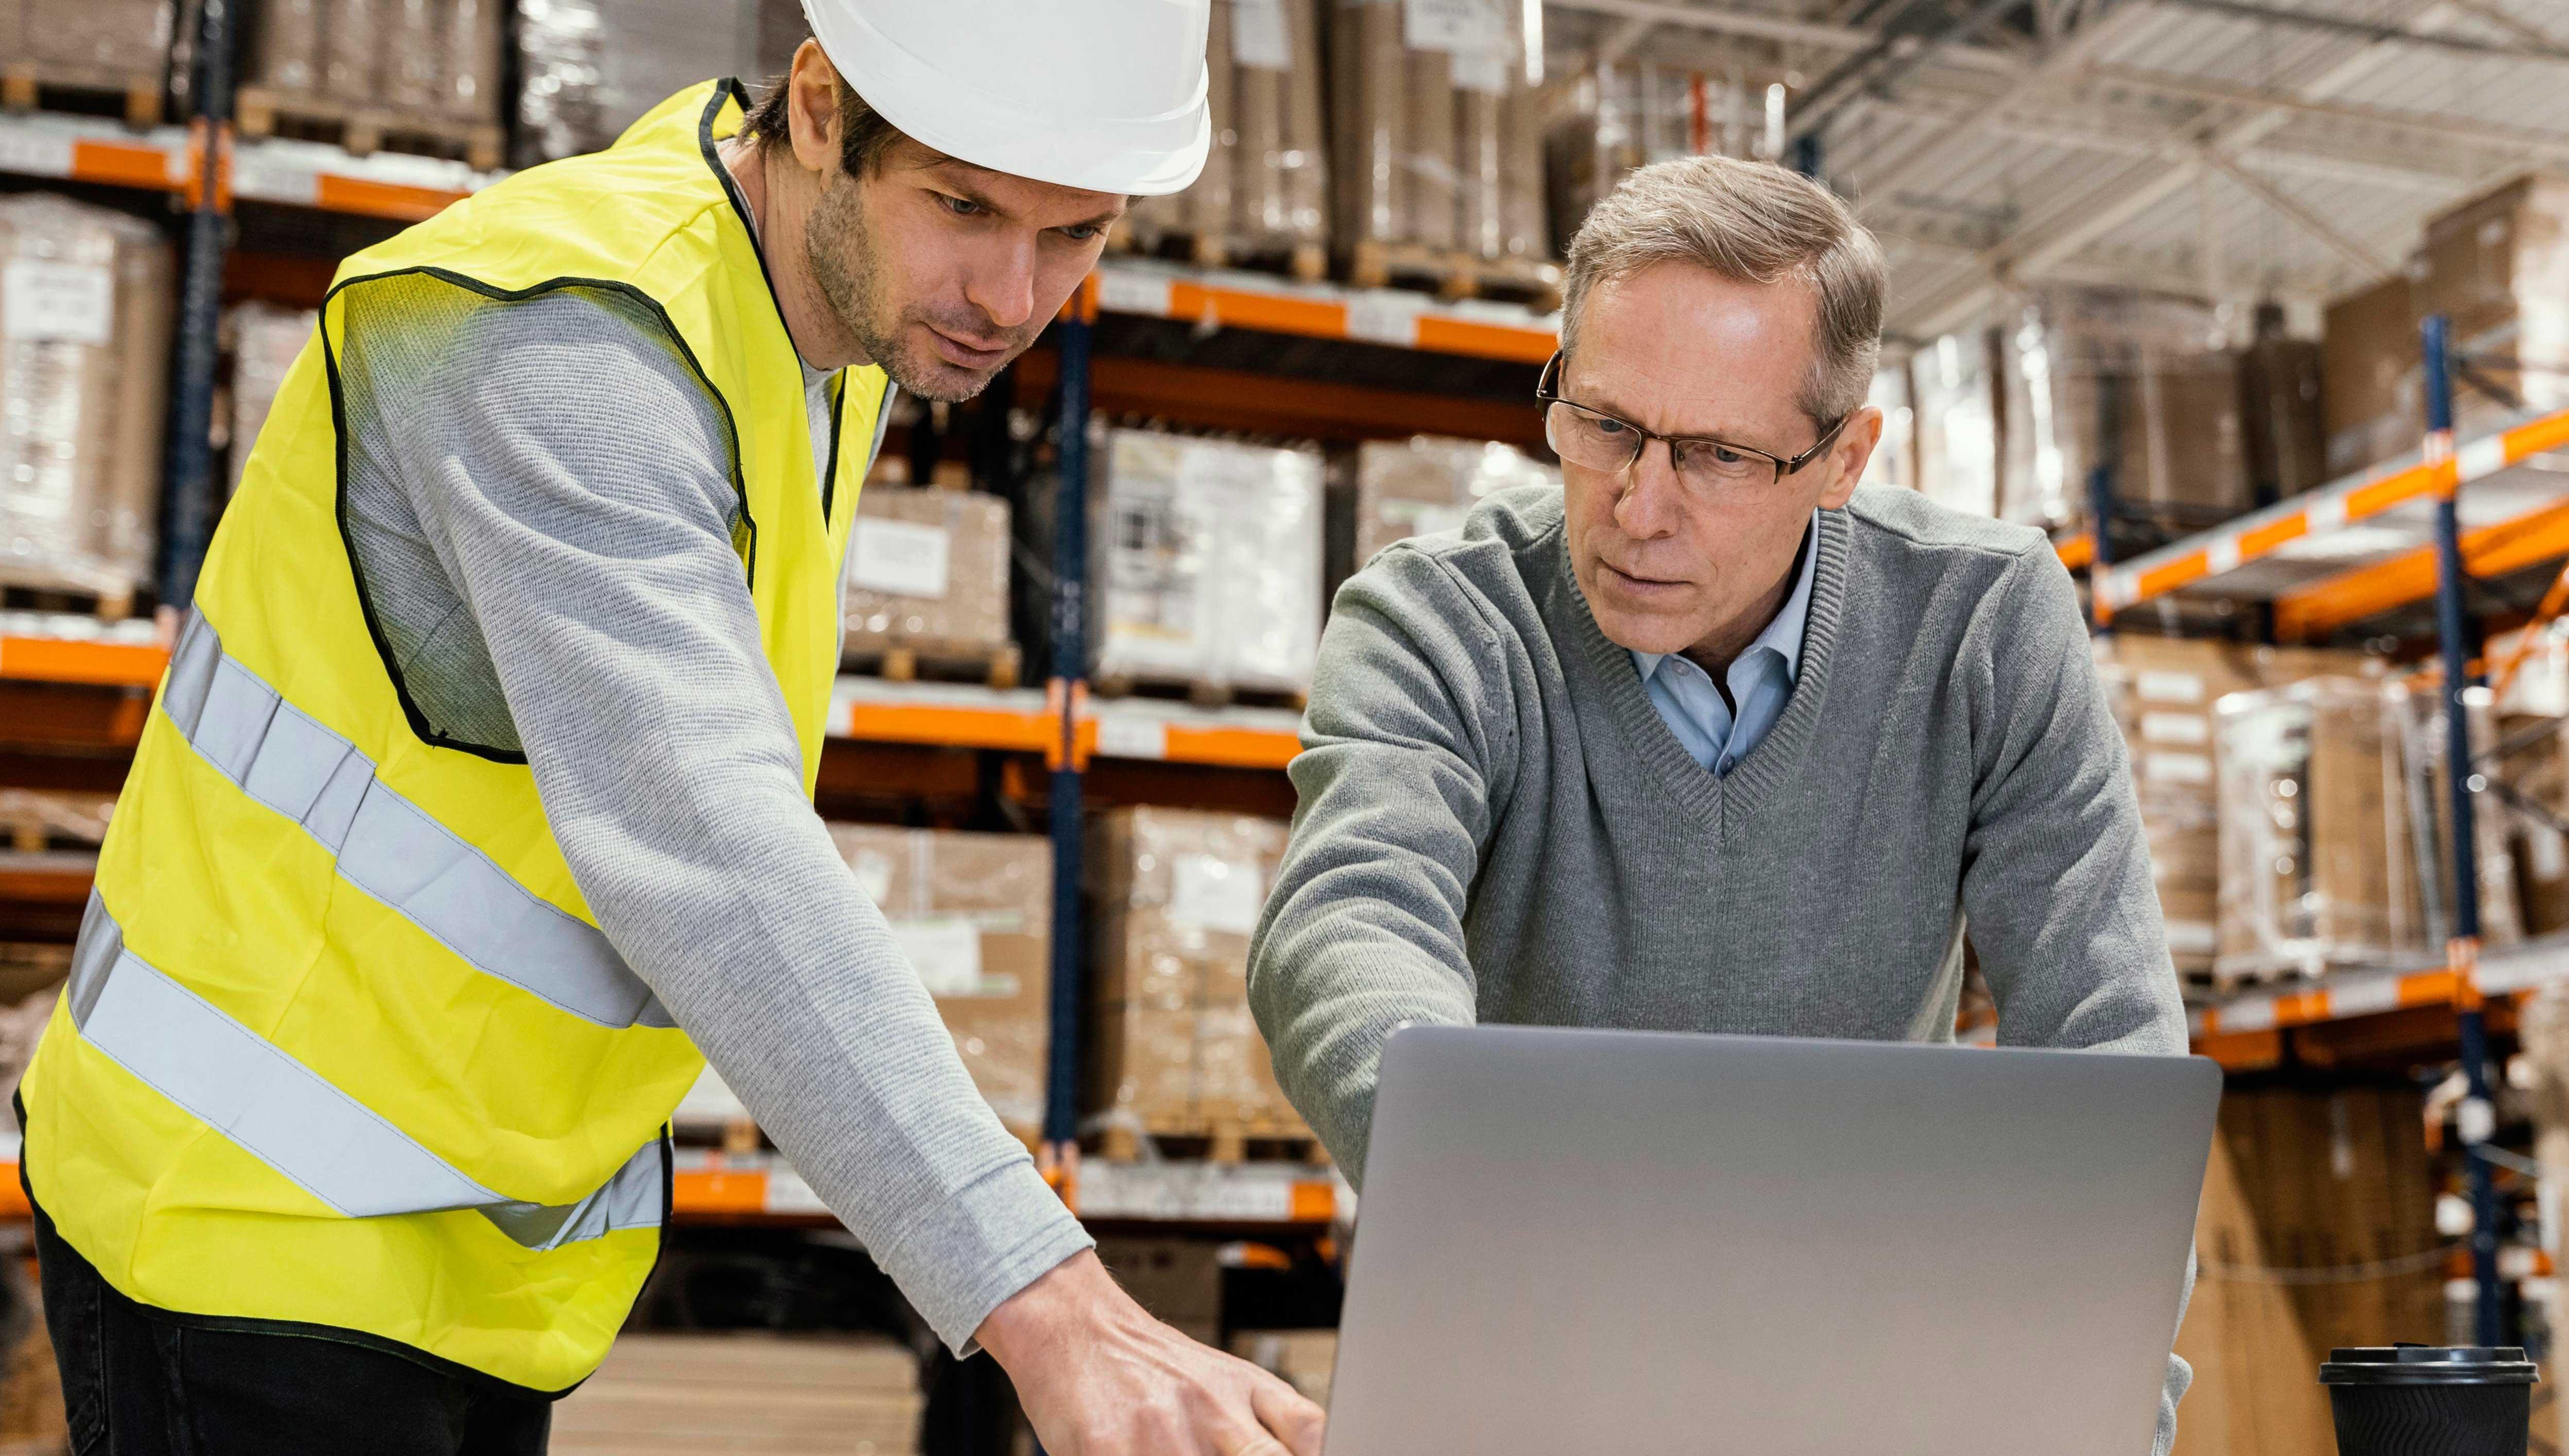 men-warehouse-working-laptop